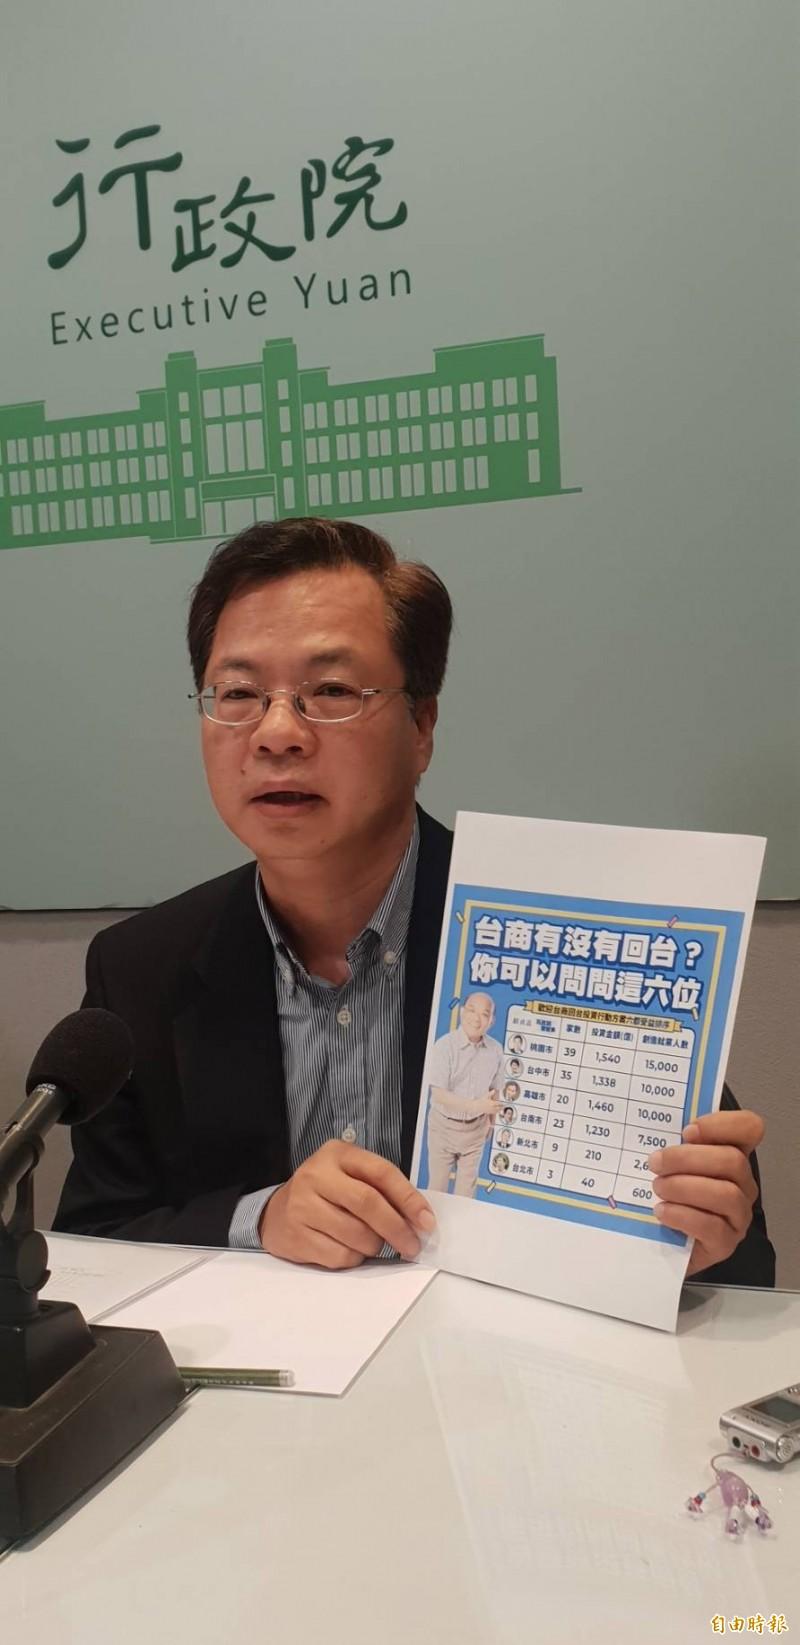 行政院政務委員龔明鑫表示,台商回台投資帶動新投資動能,政府二年內將提供逾六百公頃工業區與科學園區土地。(記者李欣芳攝)